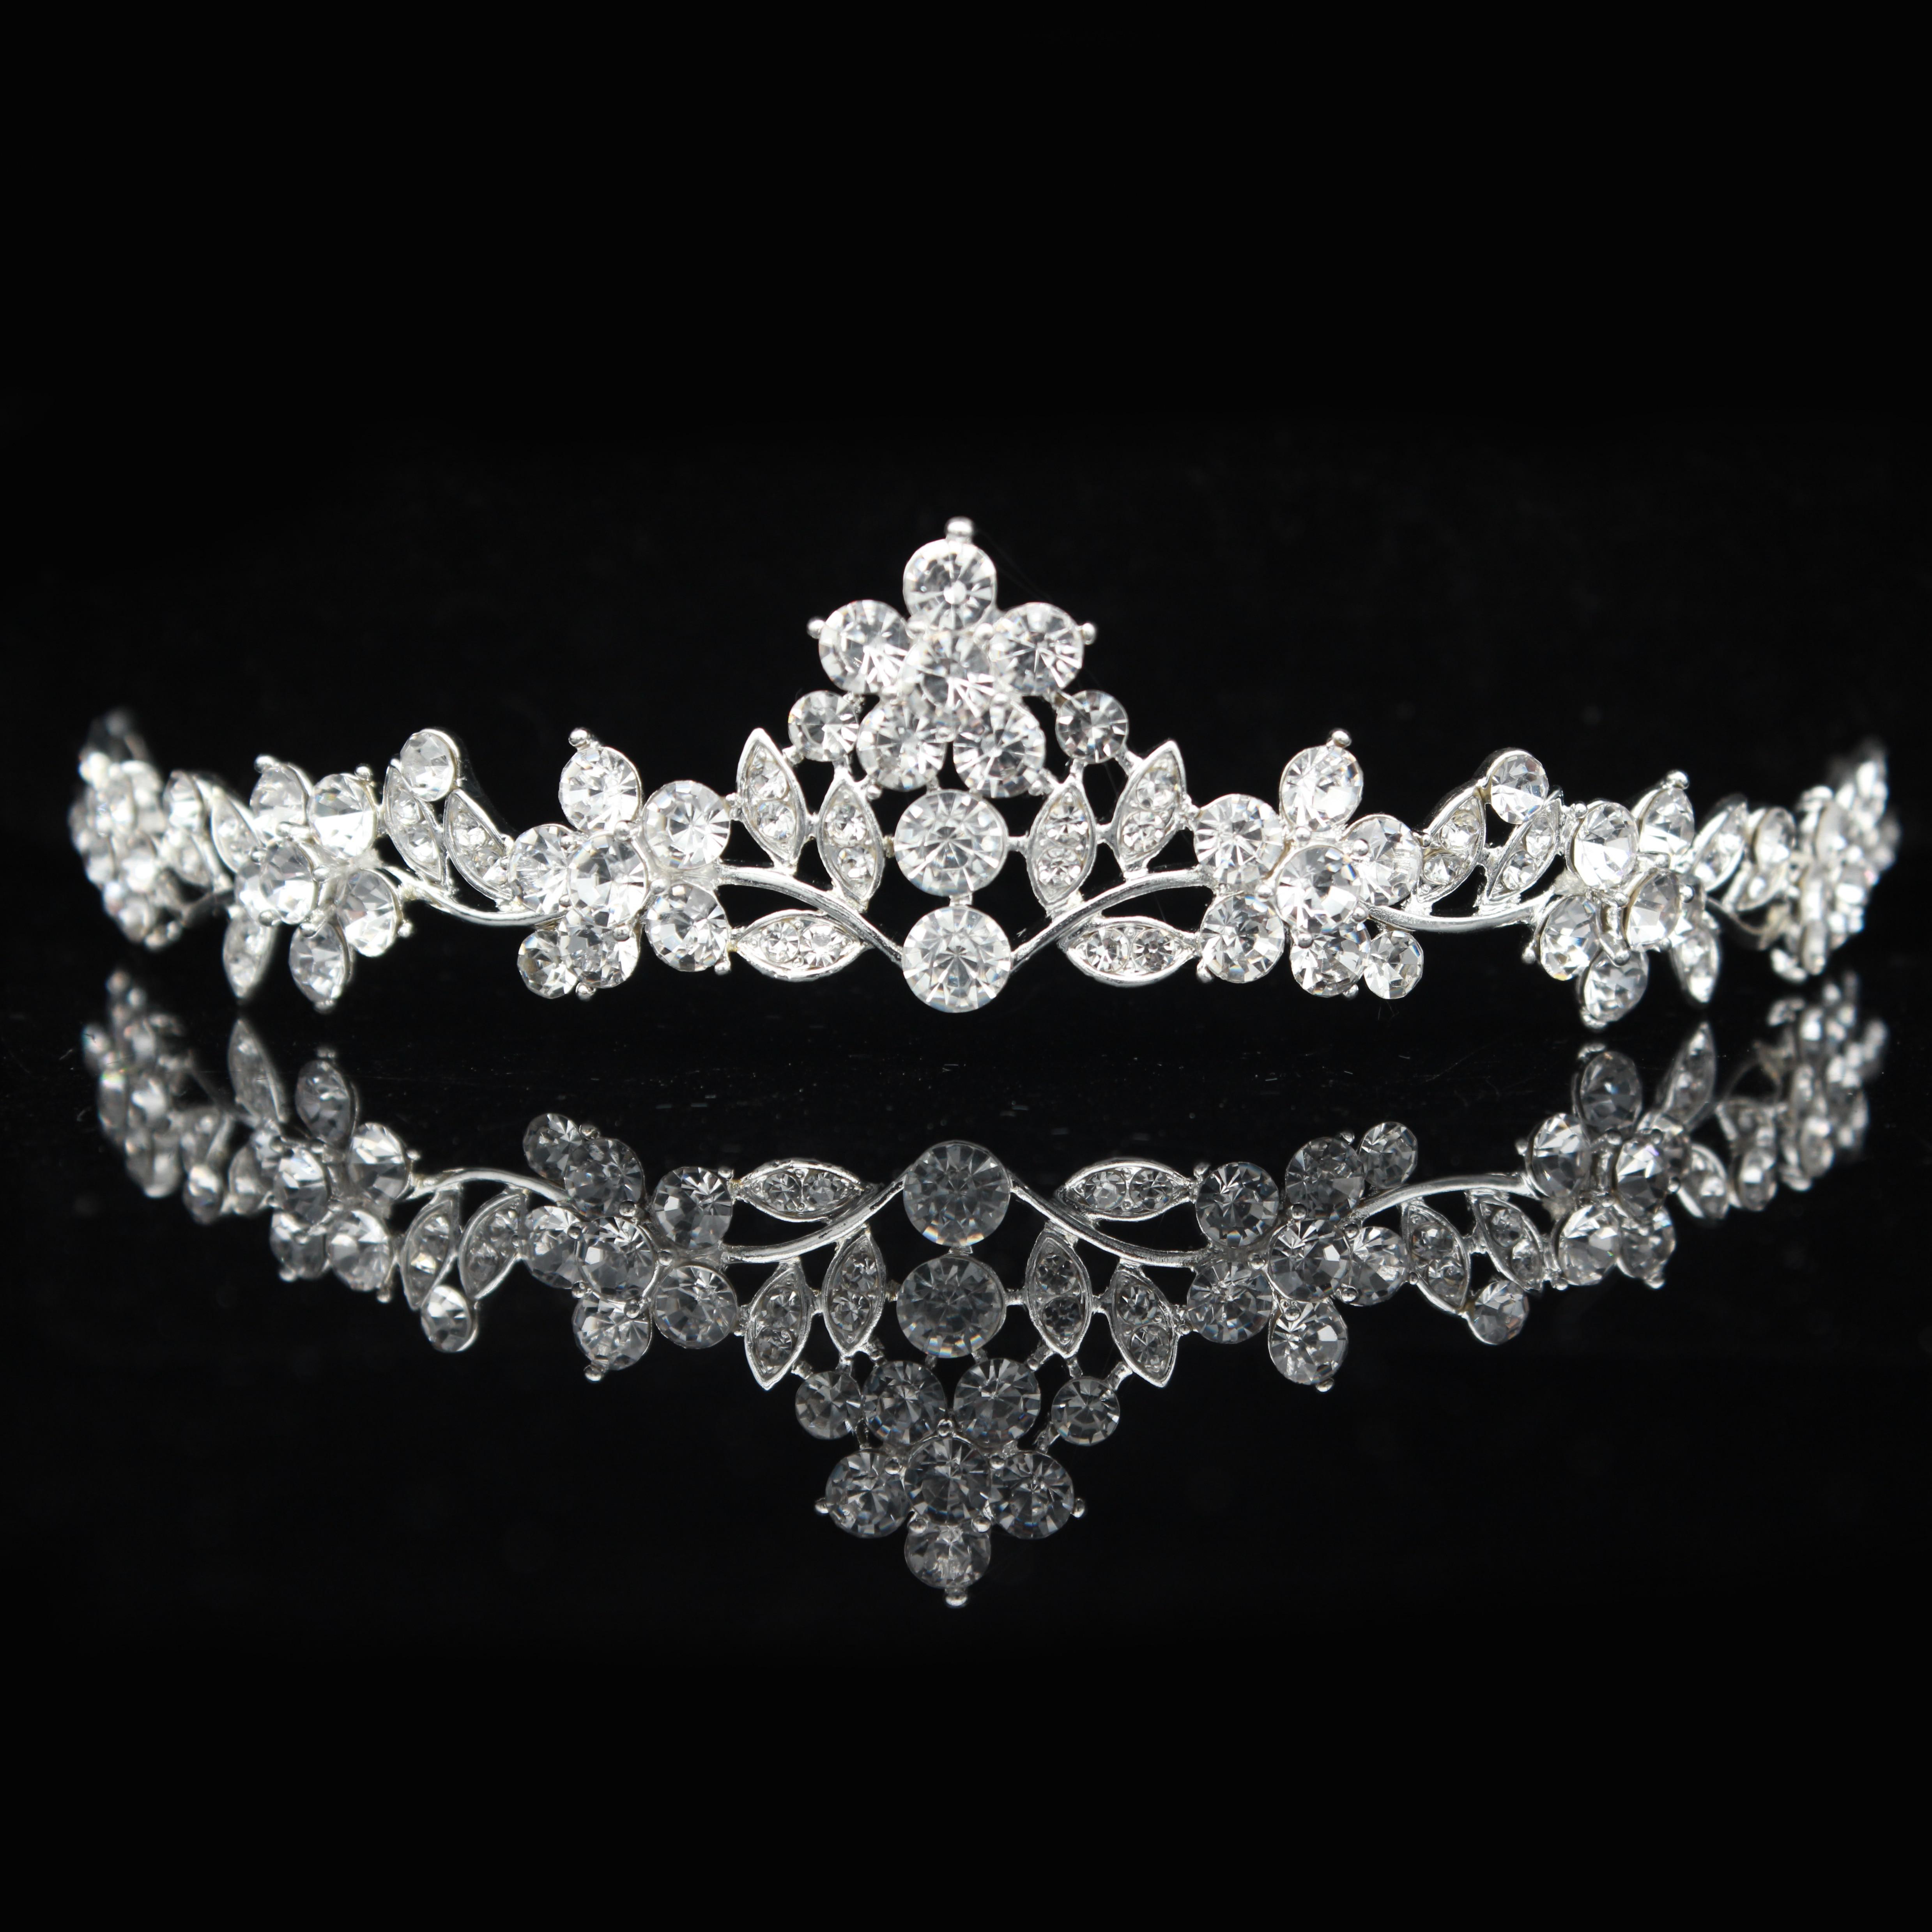 Диадема на выпускной вечер, диадема на свадьбу, диадема для невесты, украшение для волос